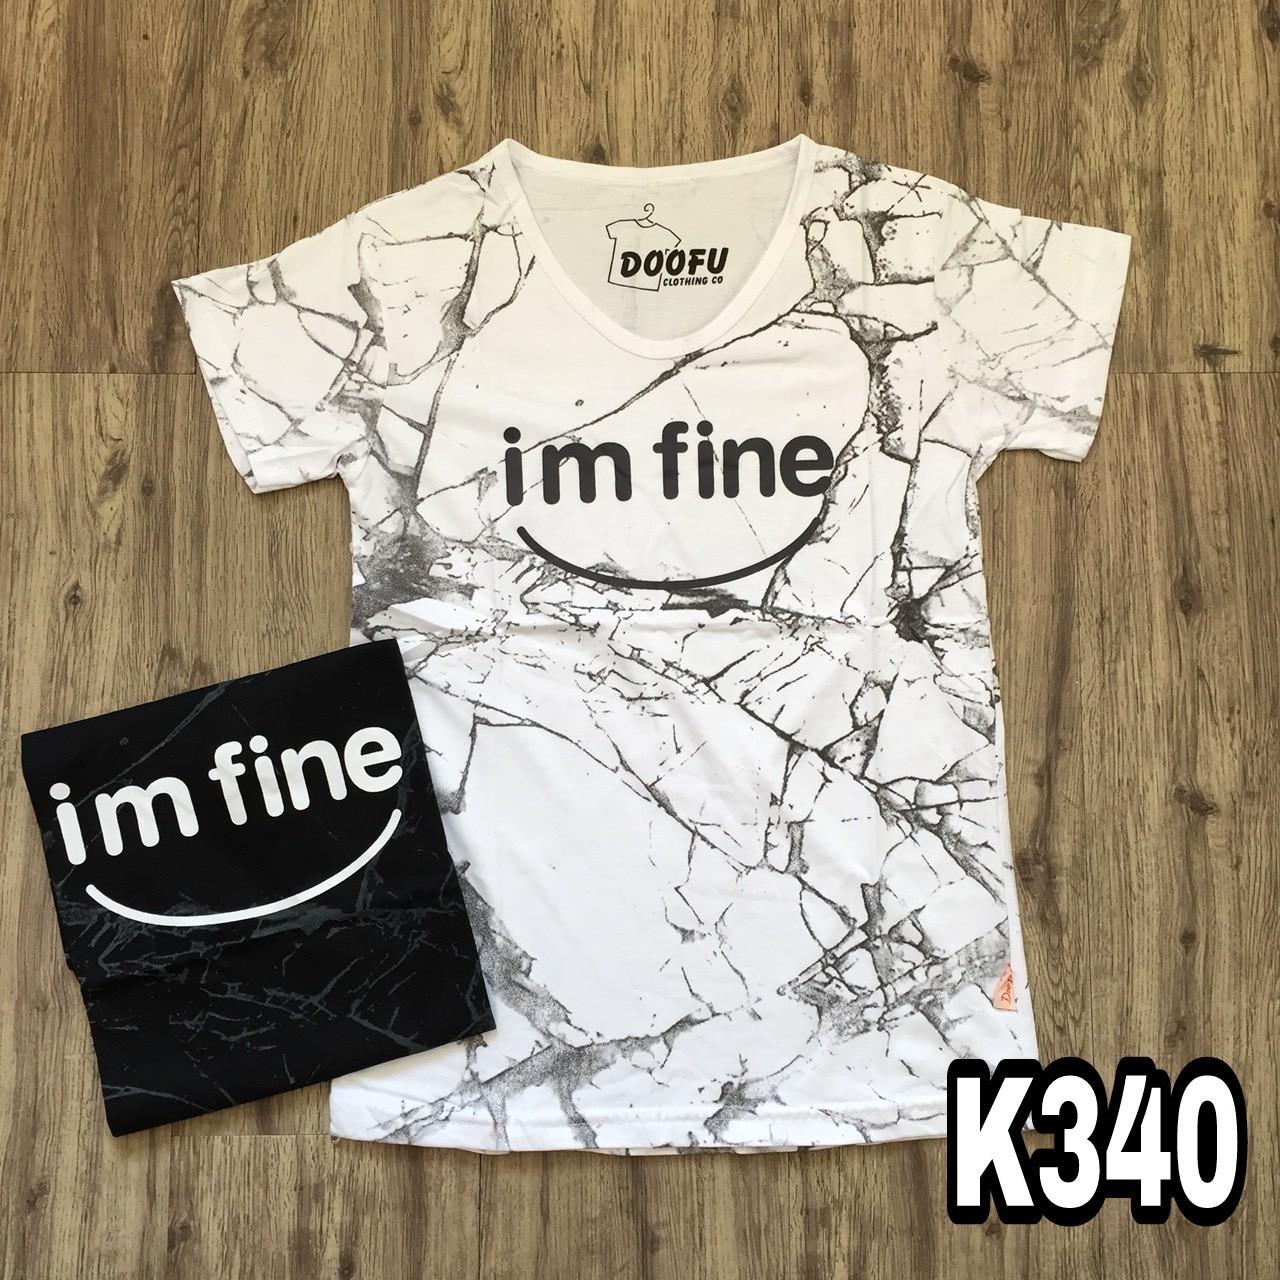 K340 - Kaos / Tumblr Tee / T-Shirt Wanita / Cewek Im Fine Abstrack